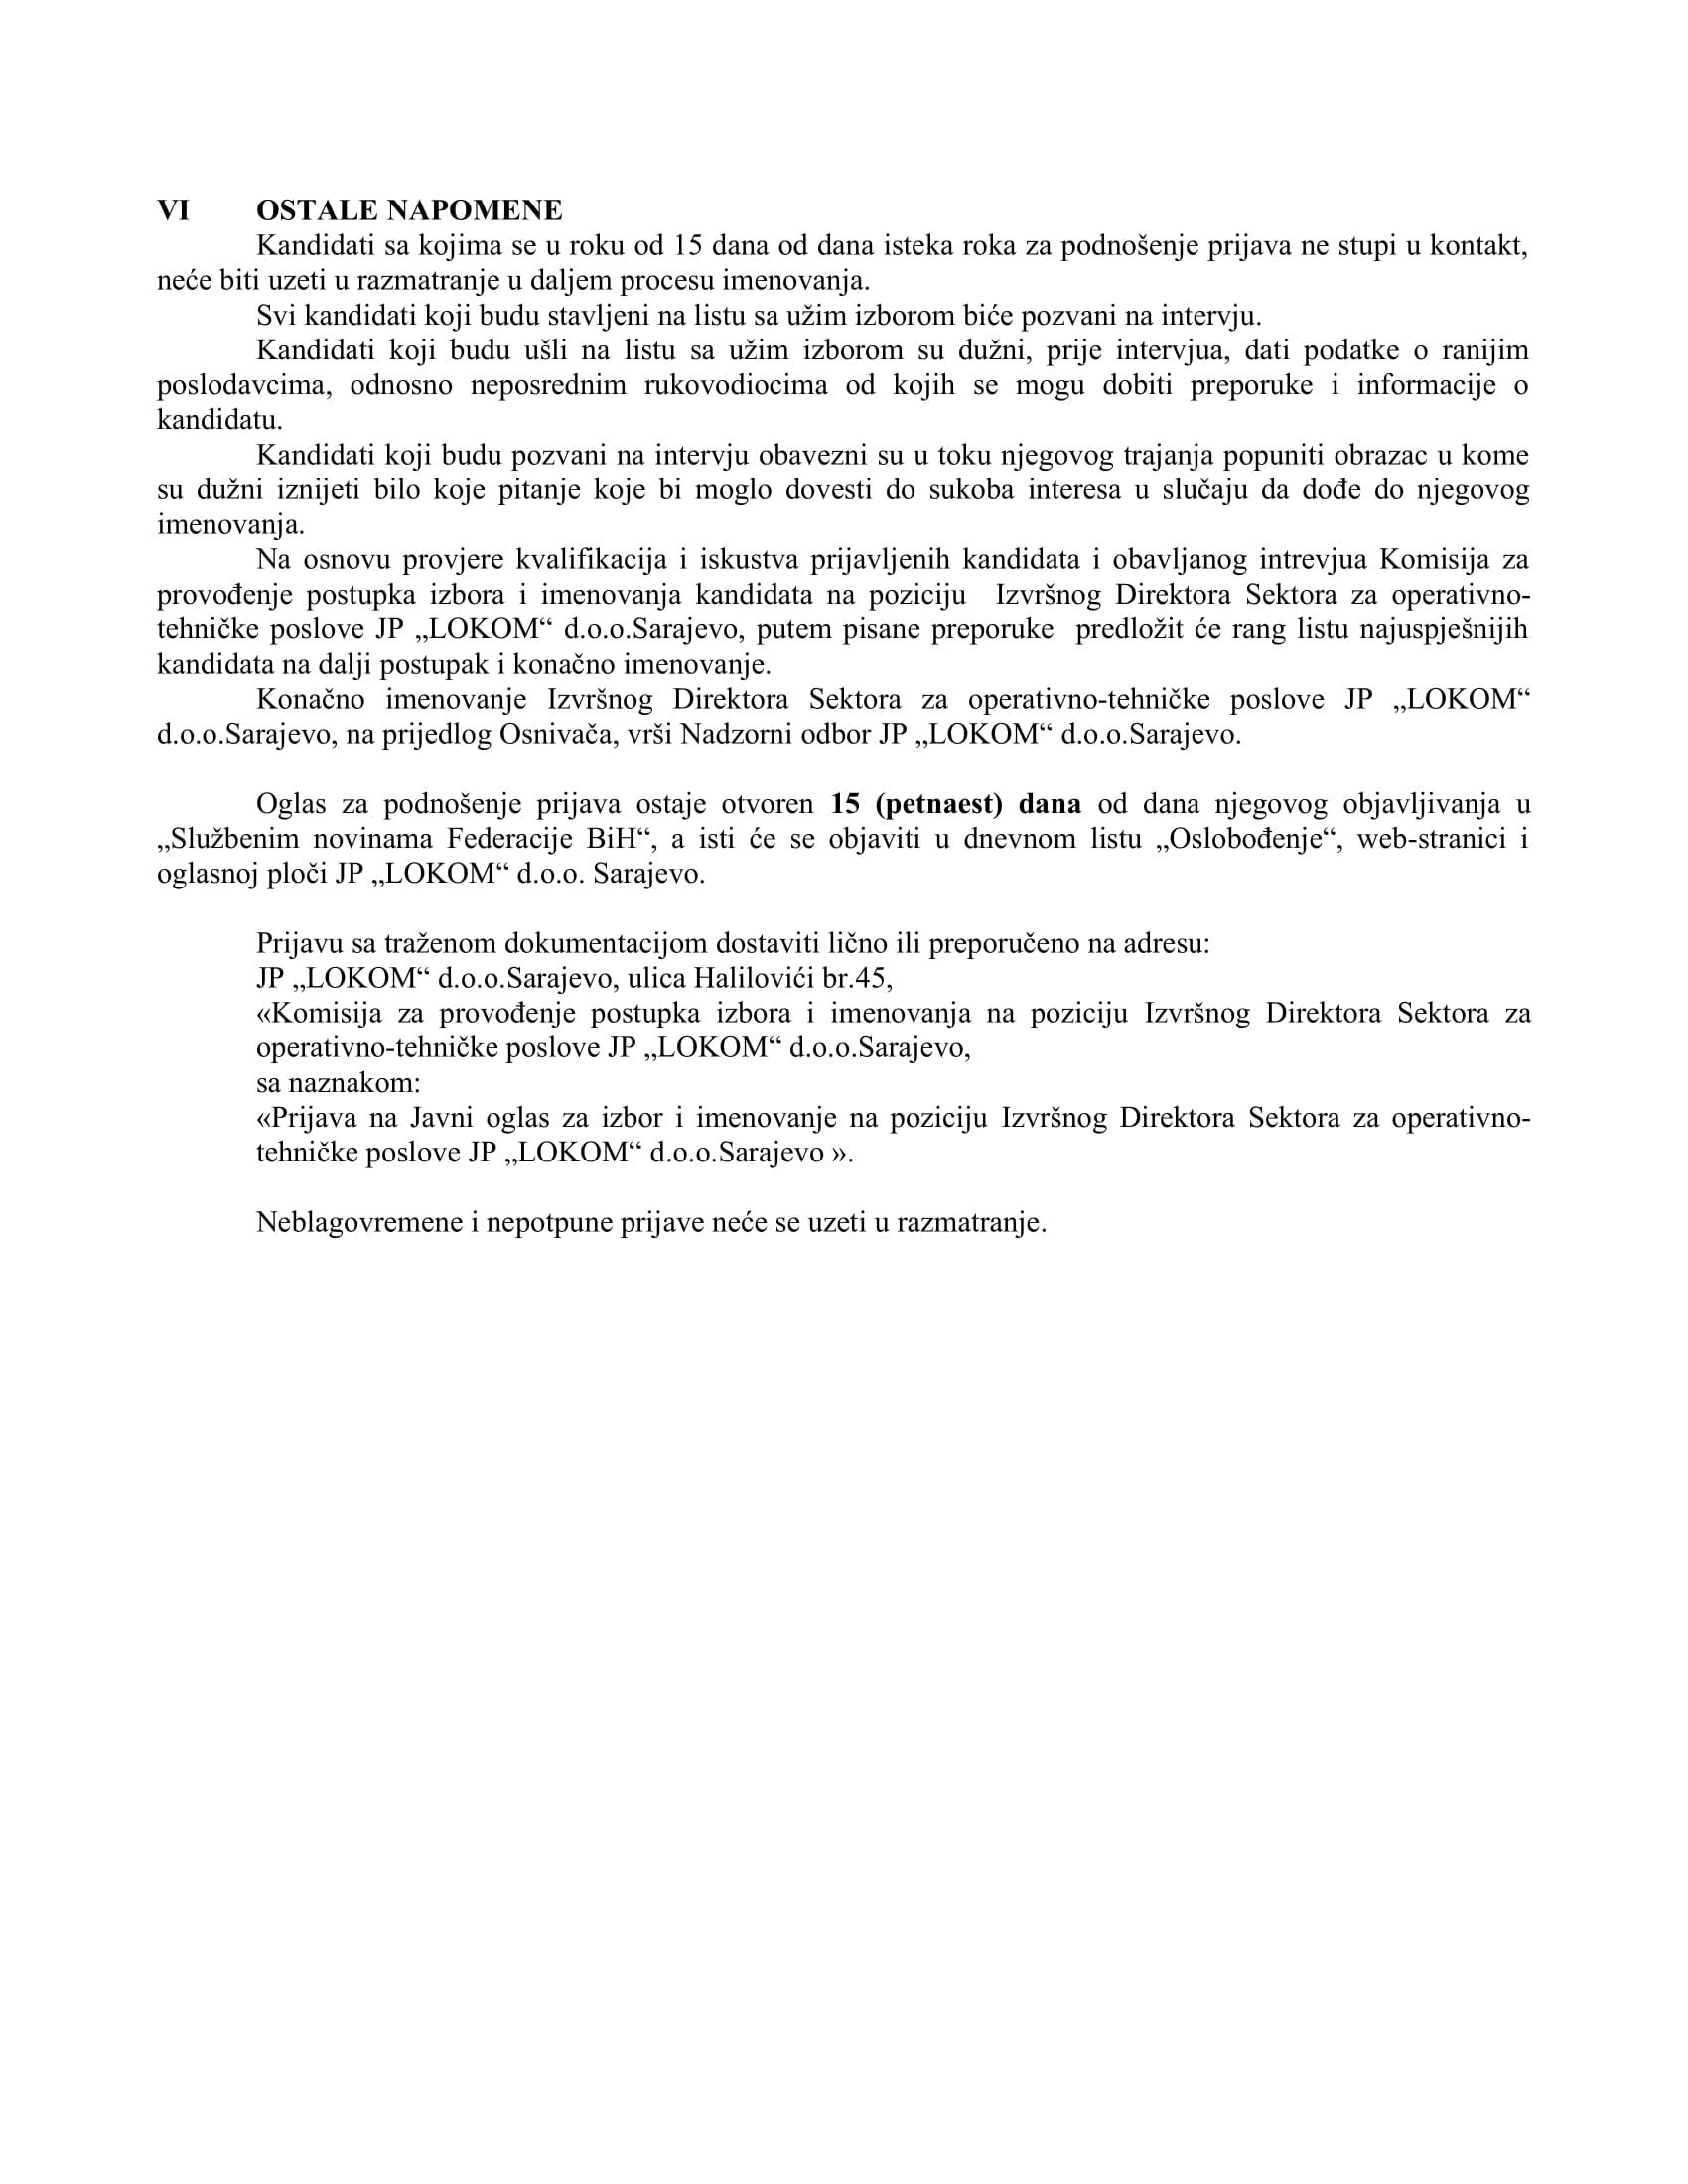 JO  Izvršni Direktor Sektora za operativno-tehničke poslove JP _LOKOM_ d.o.o.Sarajevo-4